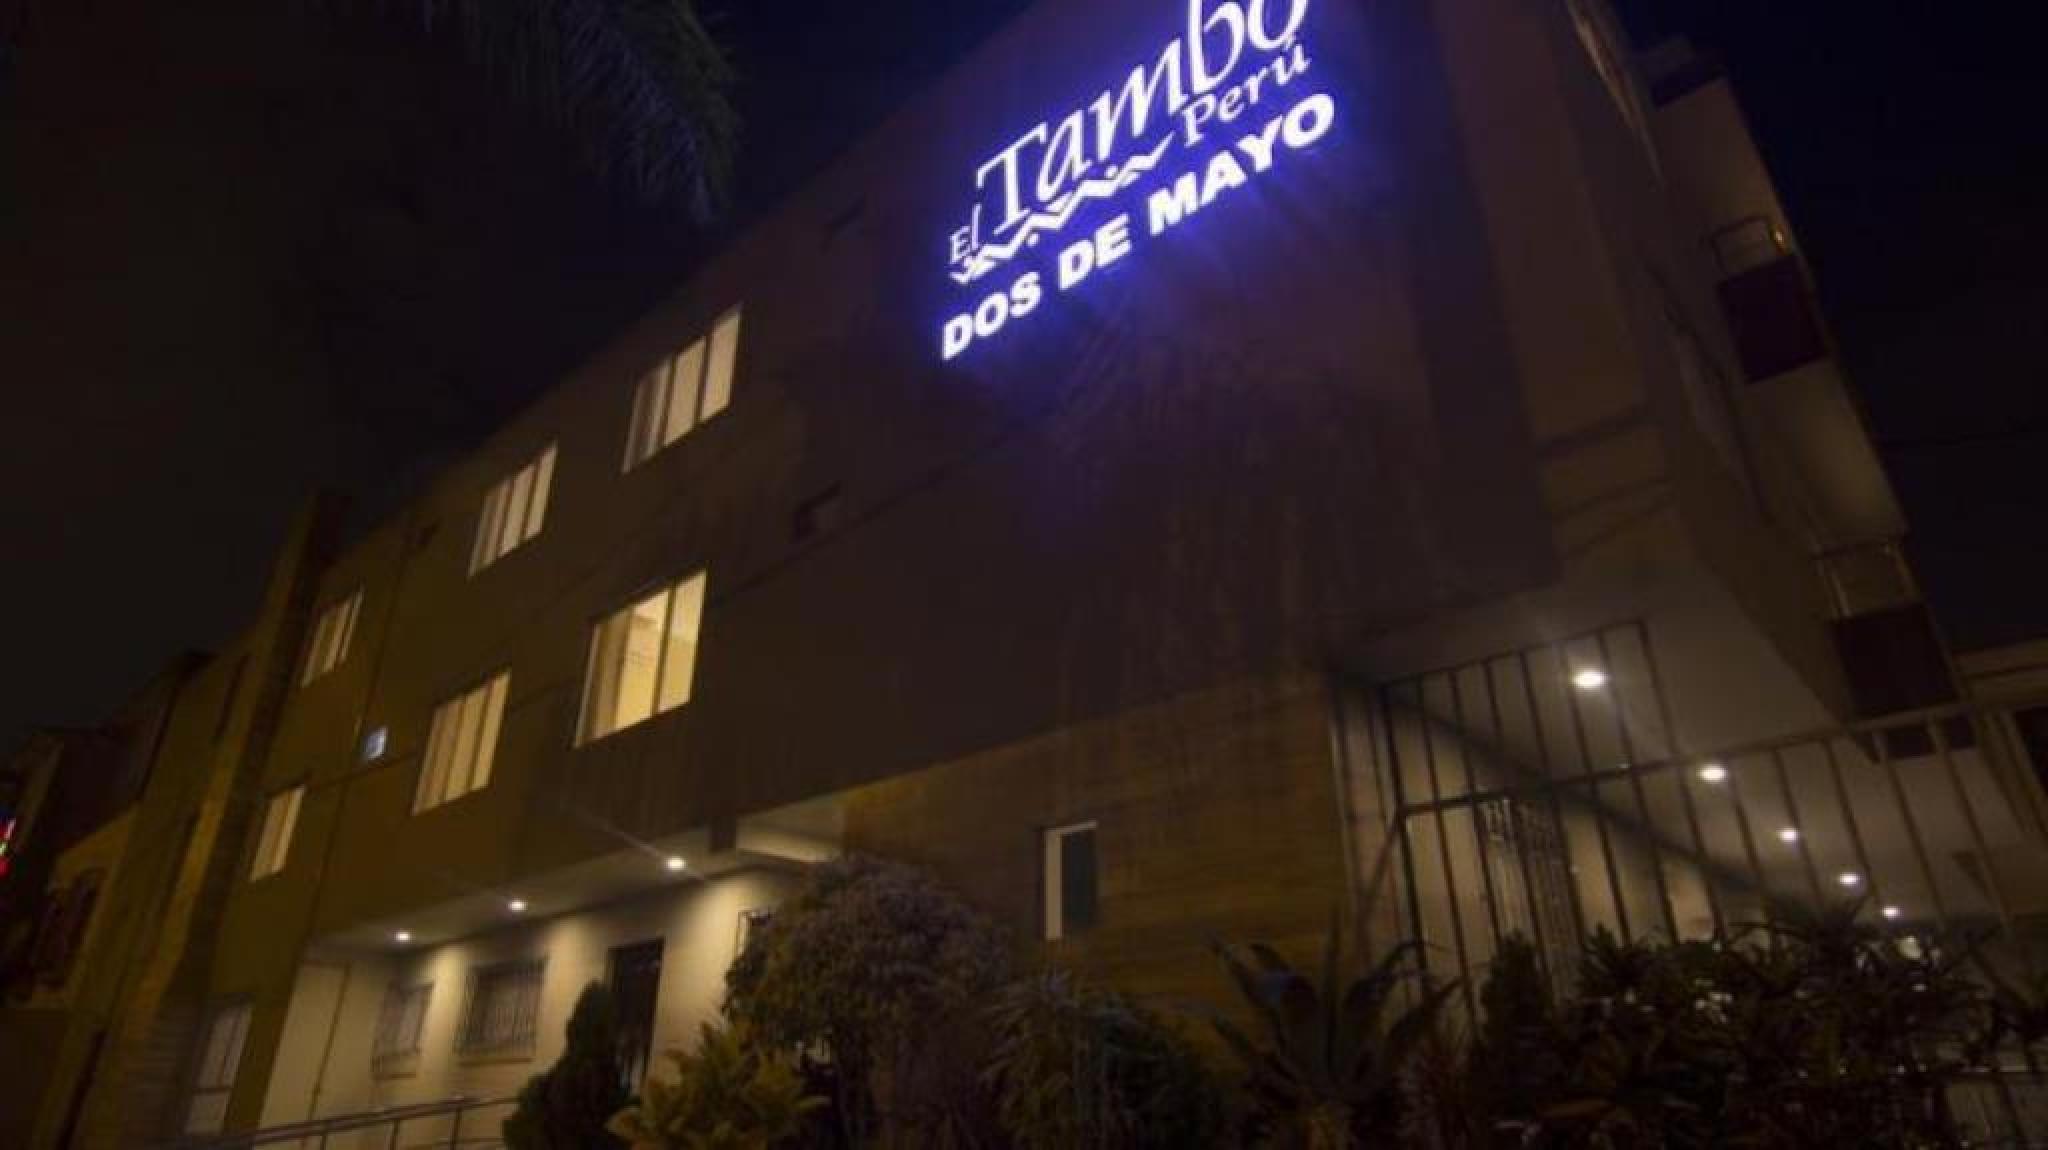 El Tambo Dos de Mayo Hotel